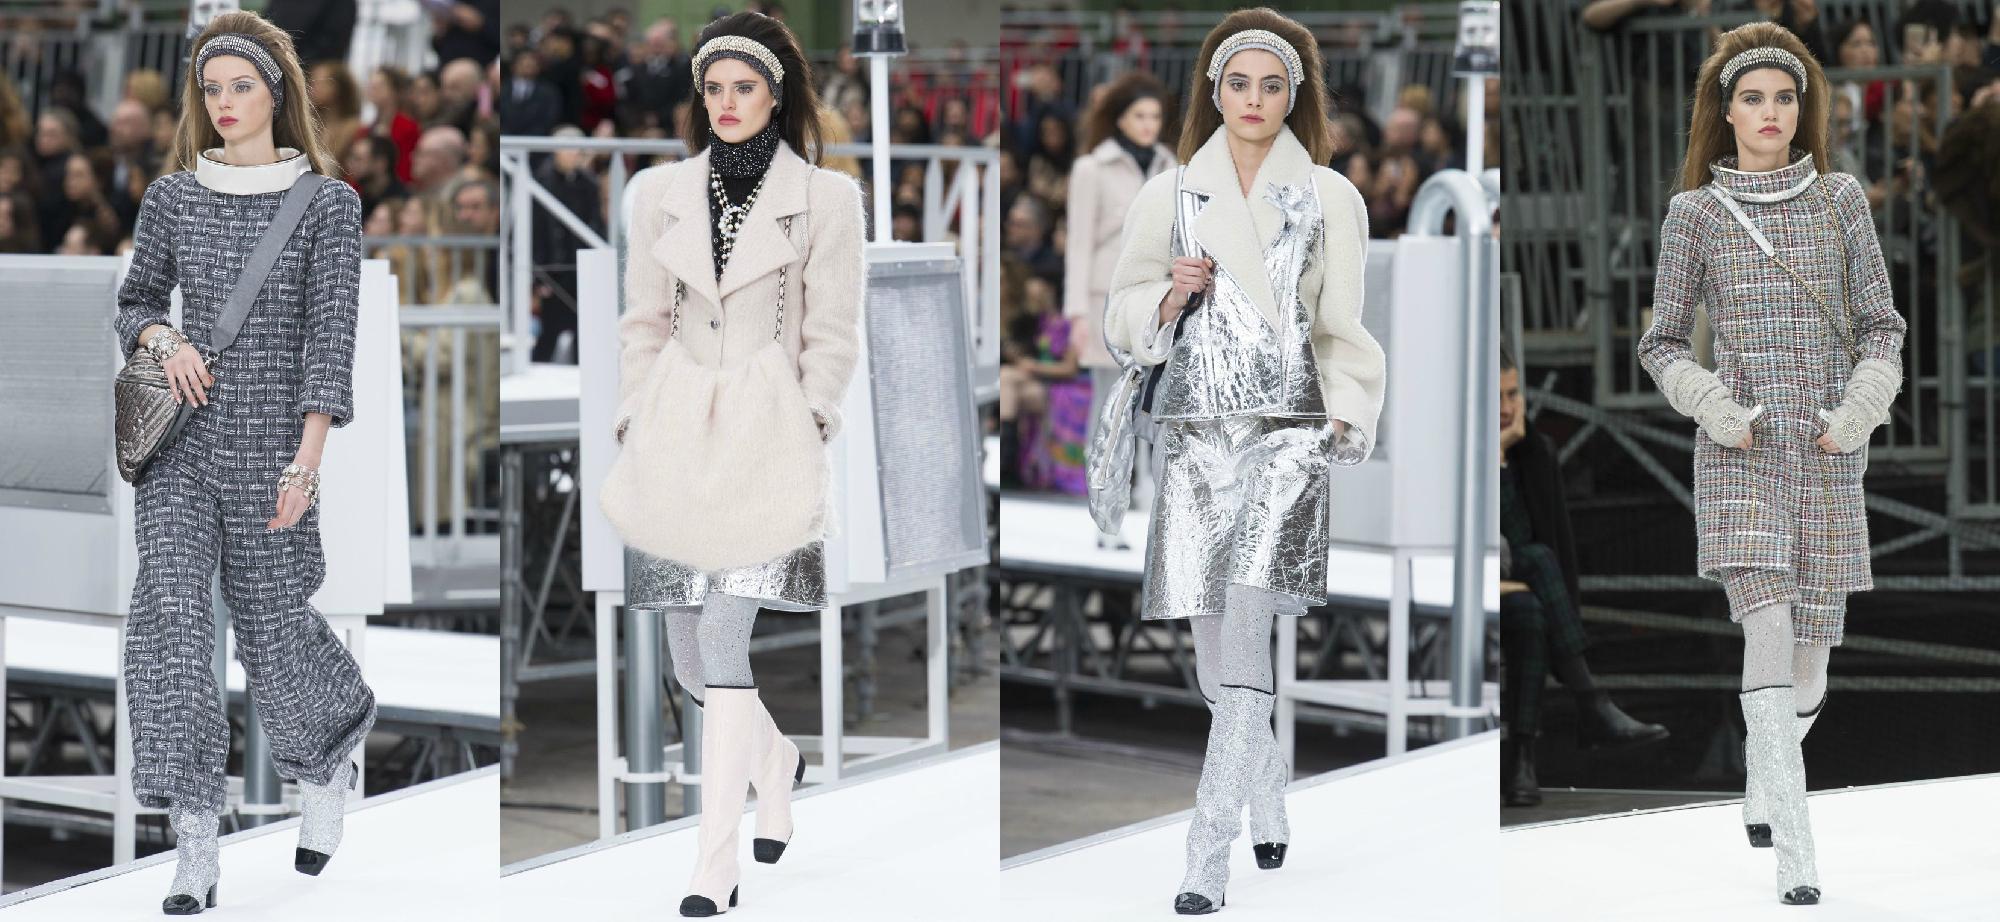 Chanel Осень-Зима 2017 Модные тенденции